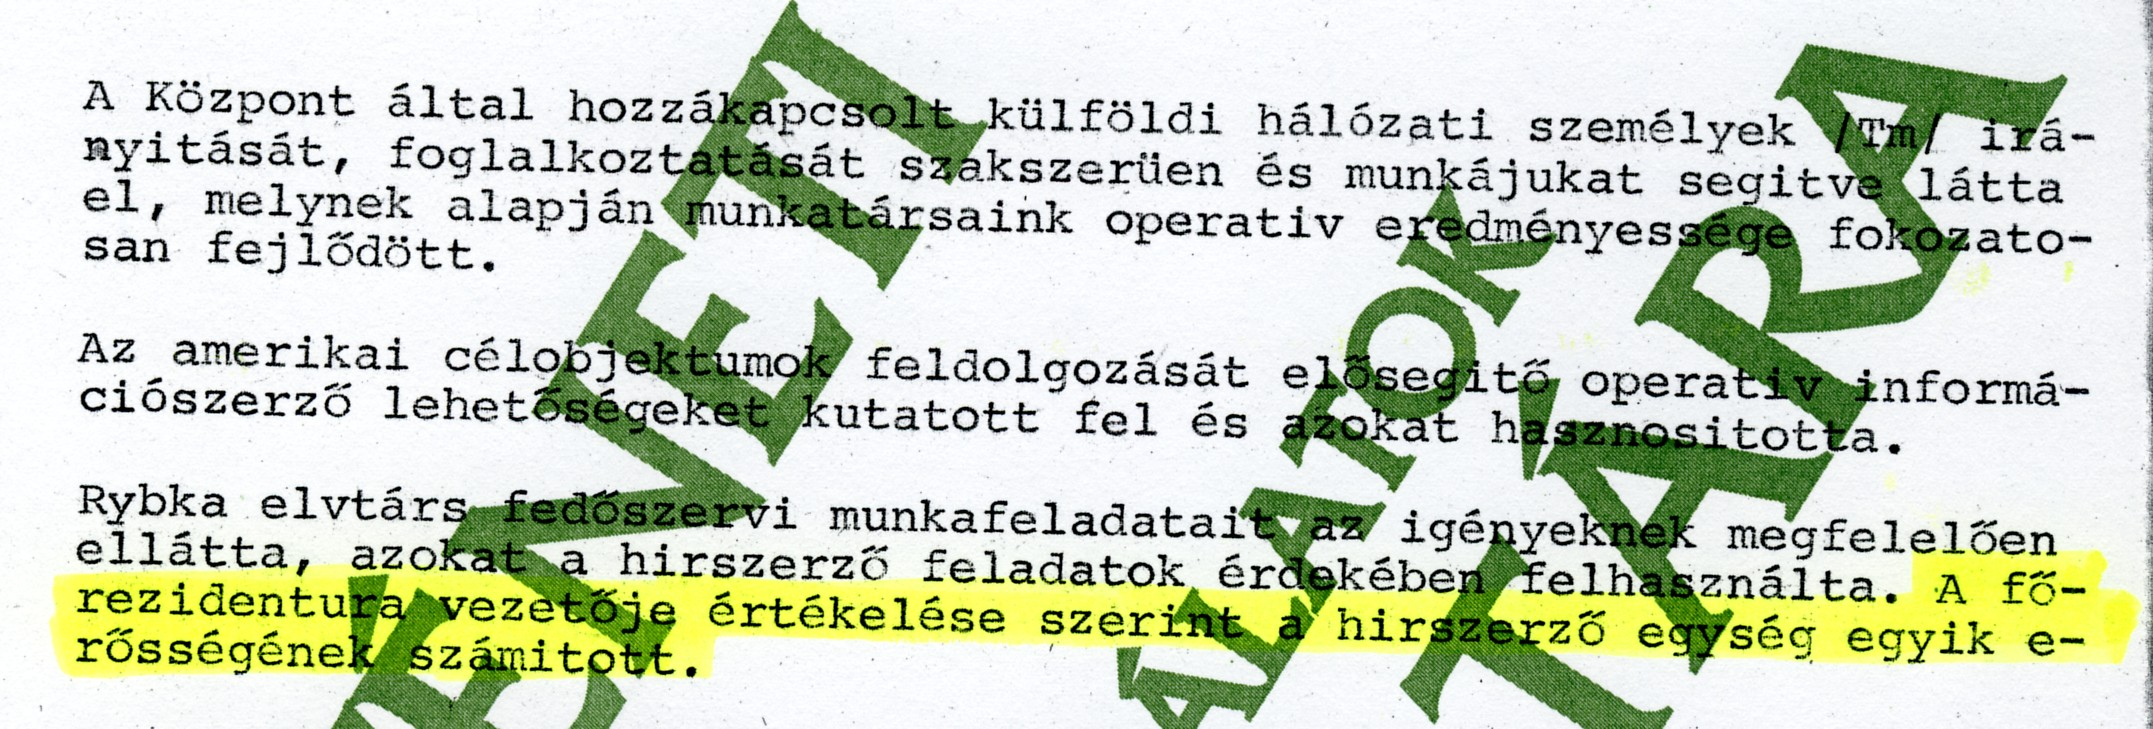 Bécsben a hírszerzés egyik erősségének számított 4560dd1c33